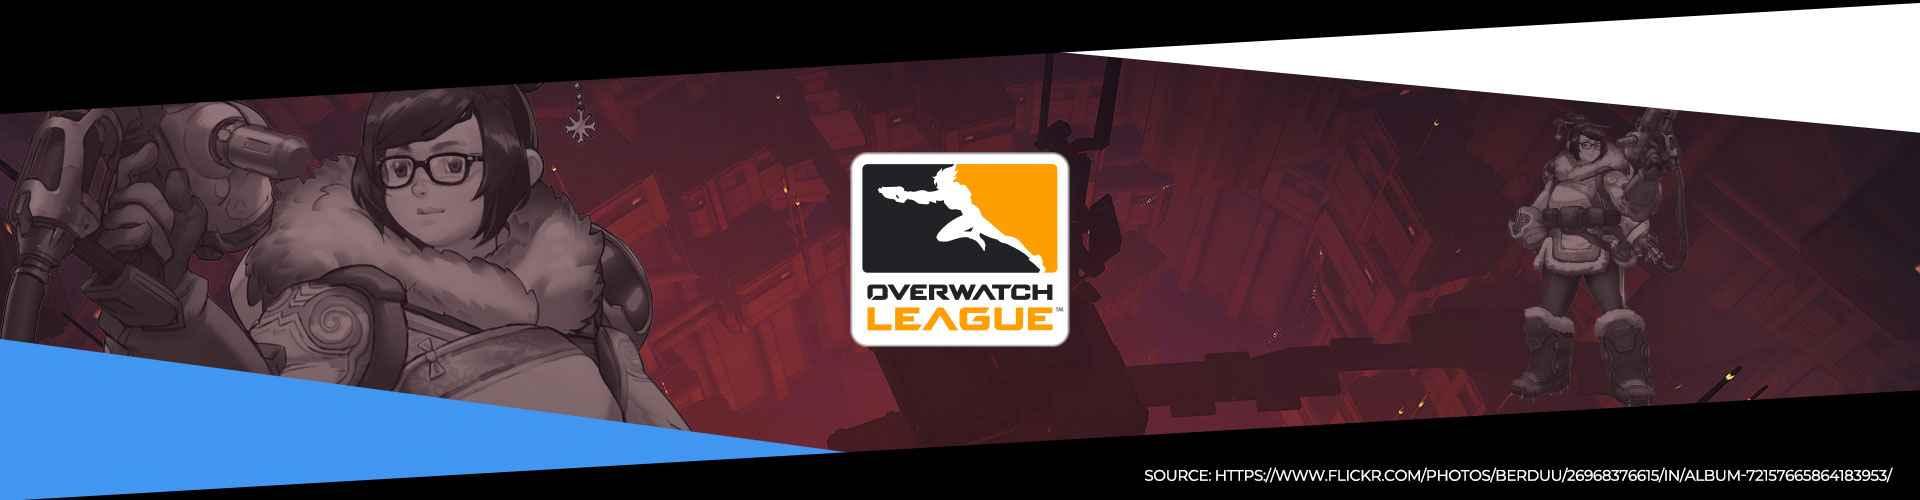 Overwatch League 2020, viikon 1 yhteenveto